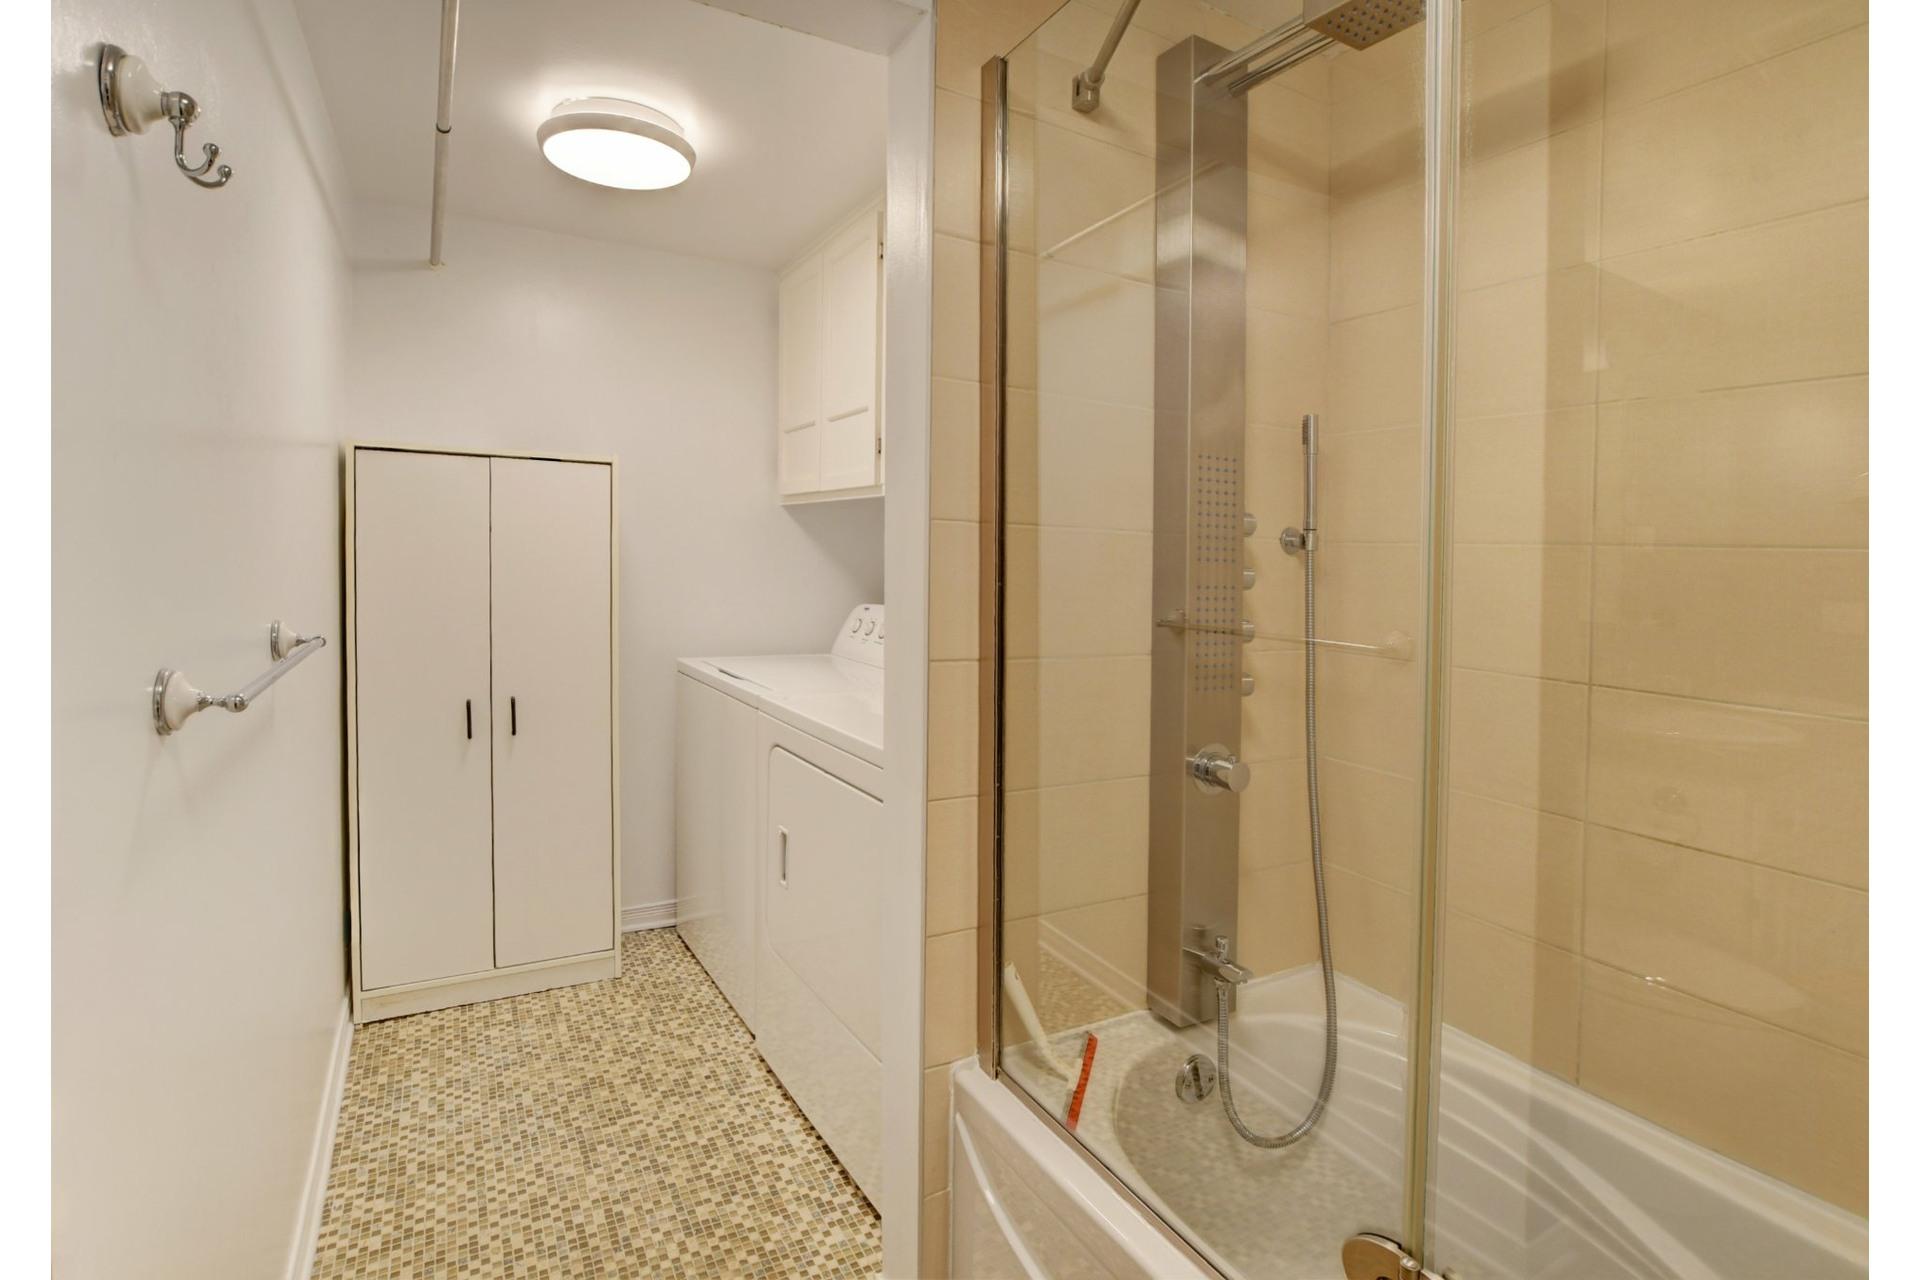 image 18 - Apartment For sale Rivière-des-Prairies/Pointe-aux-Trembles Montréal  - 9 rooms